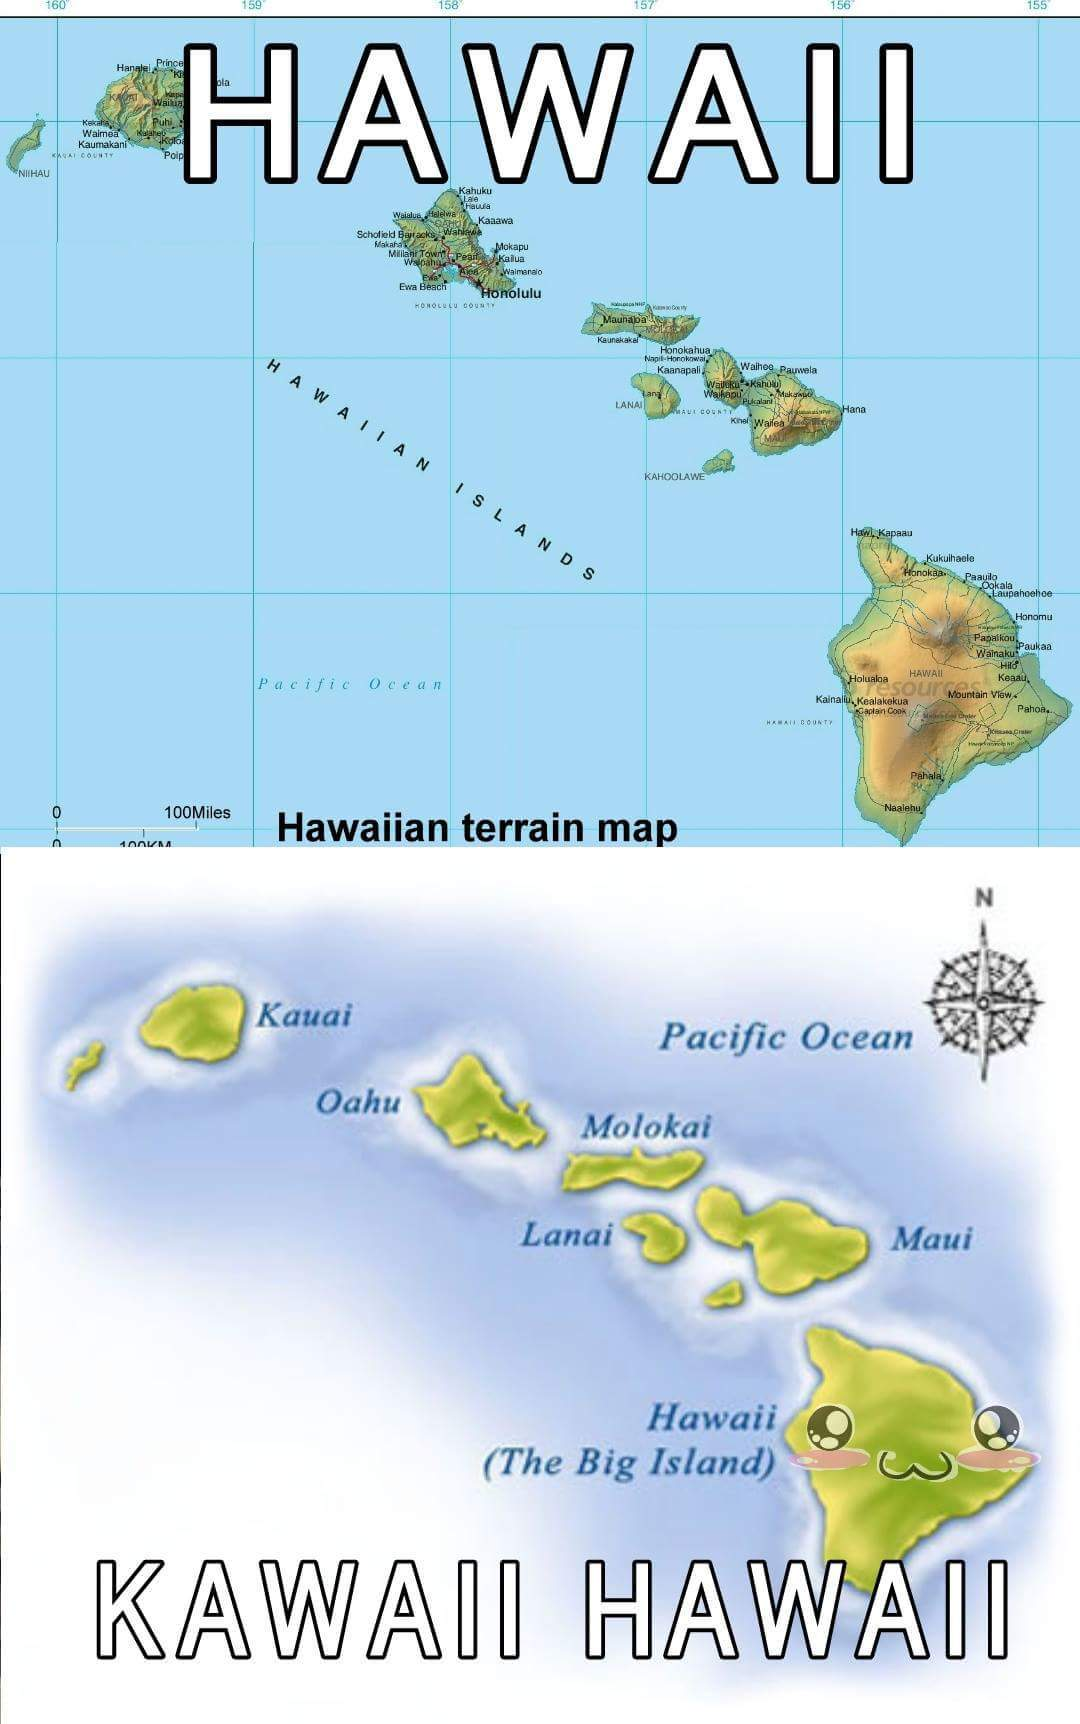 Hawaii-Sama - meme